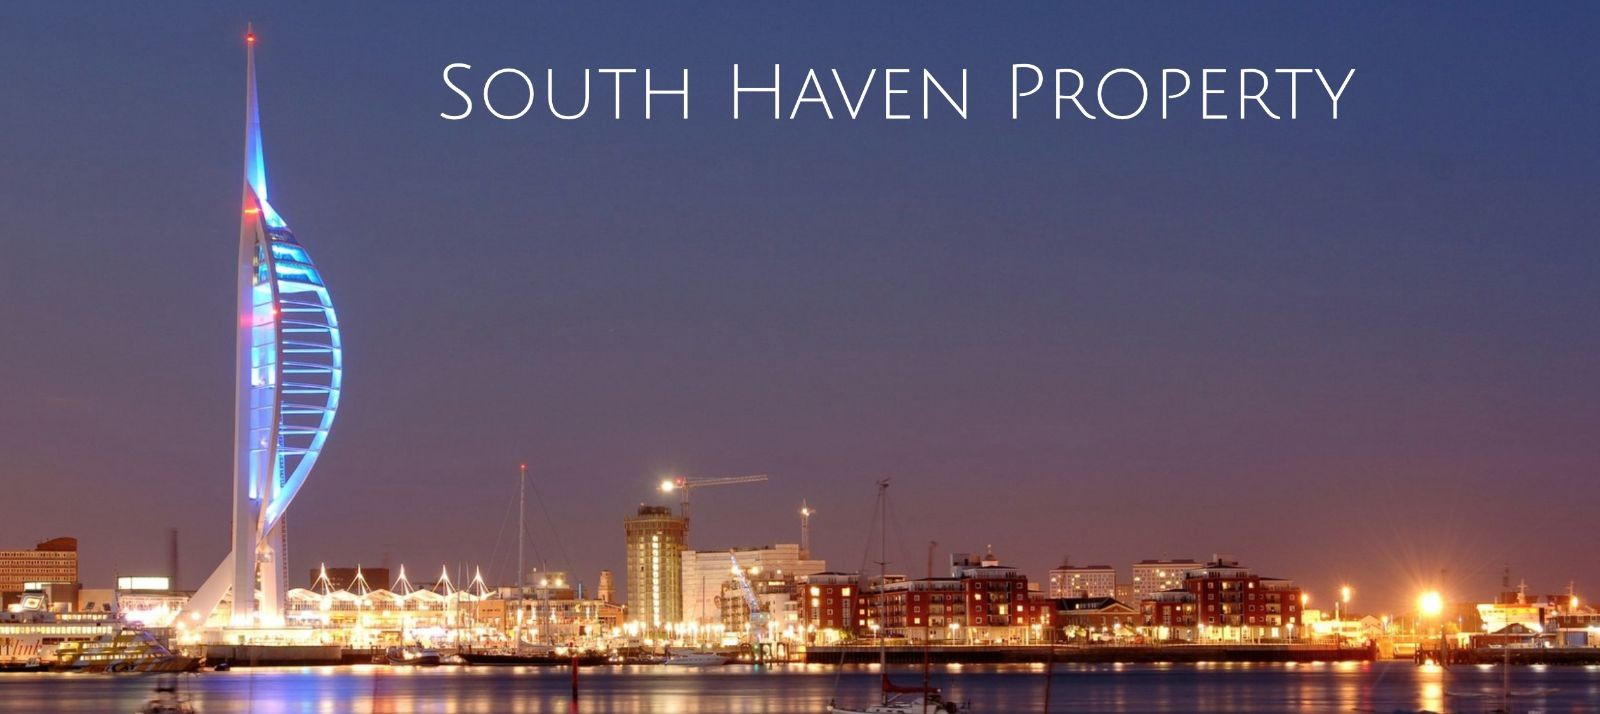 South Haven Property Ltd | LinkedIn